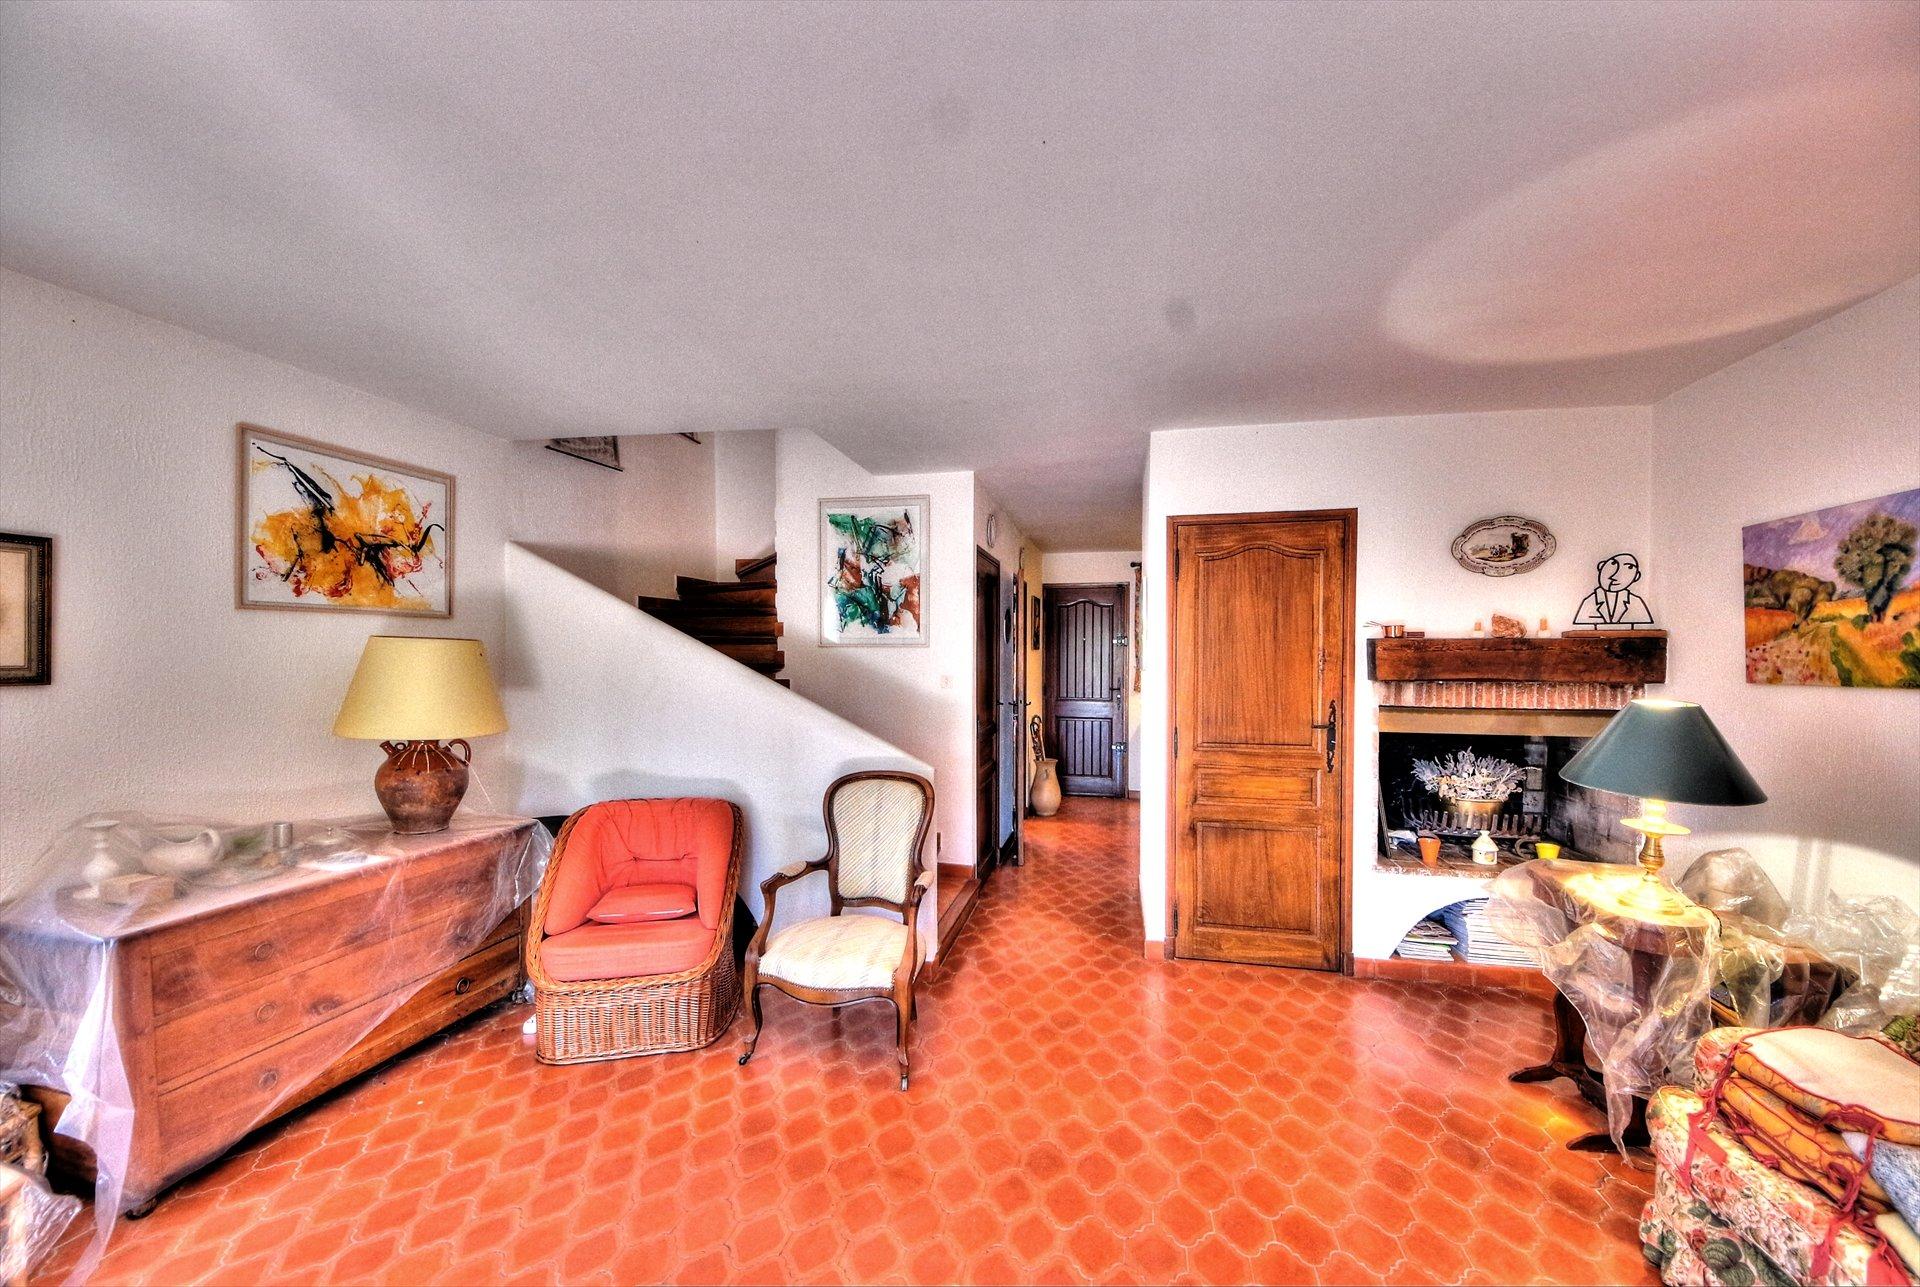 Tourtour, jolie maison avec jardin Verdon Var Provence